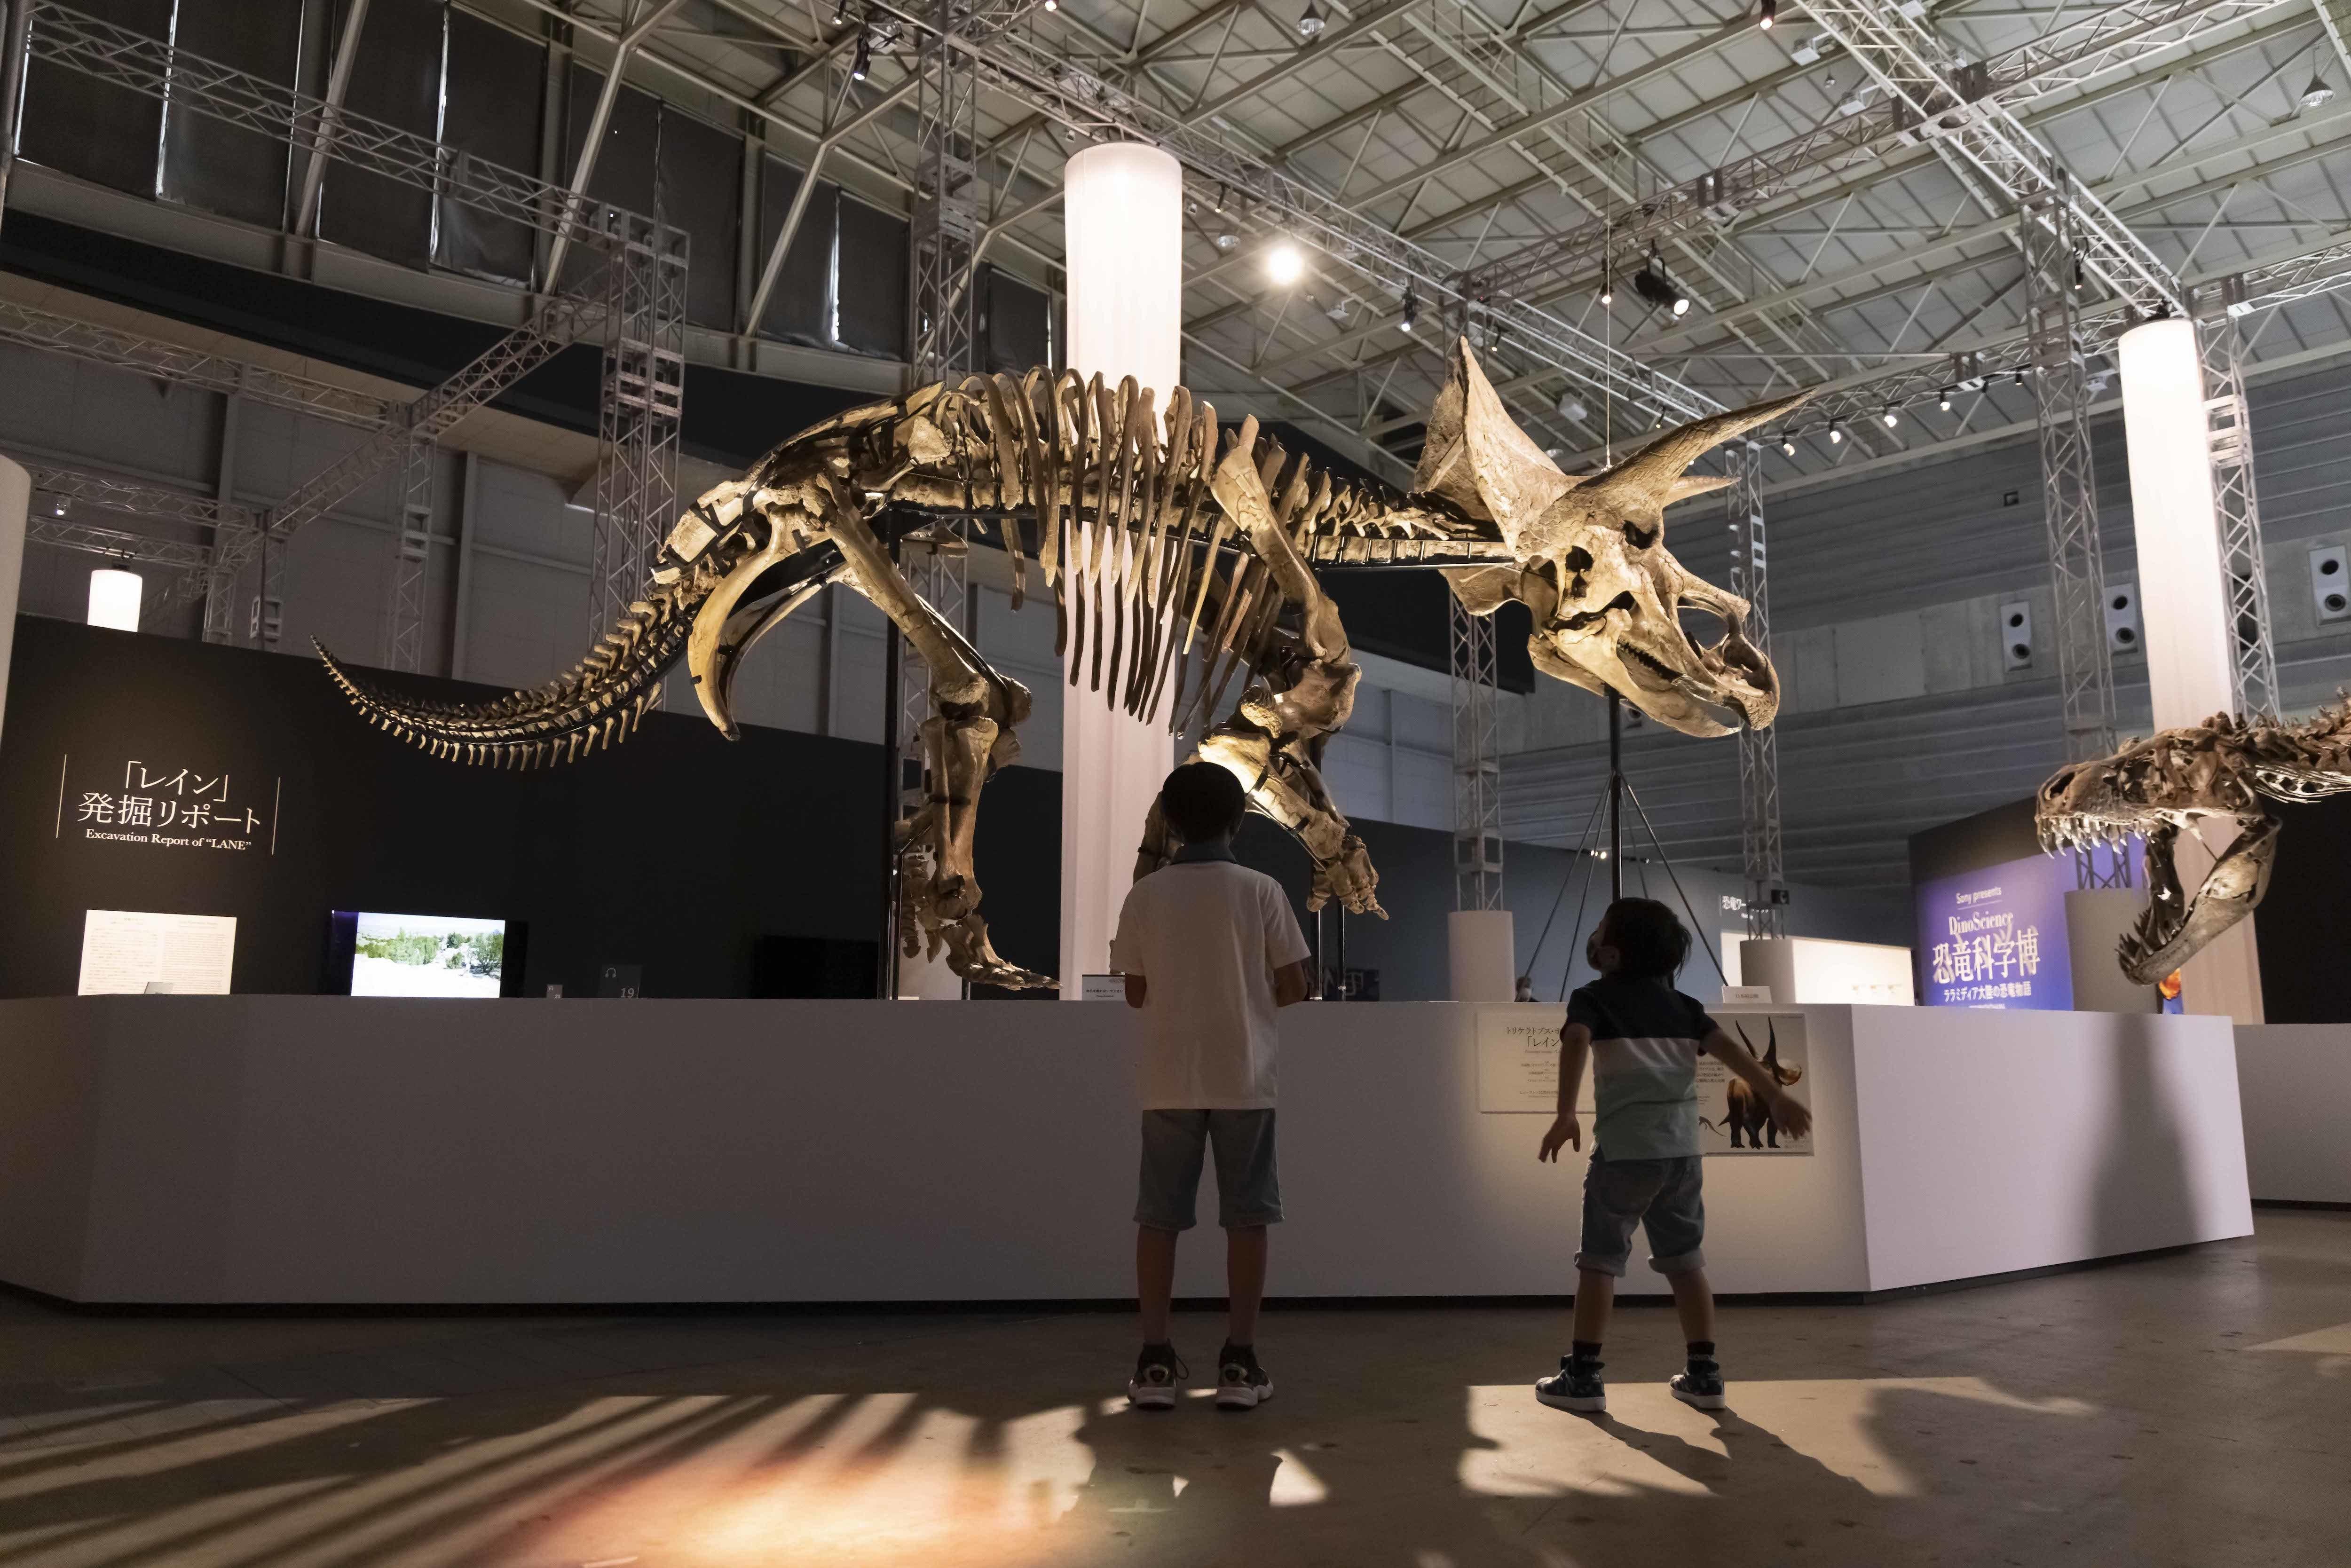 全長7m×高さ3mのトリケラトプス「レイン」 ※ヒューストン自然科学博物館所蔵